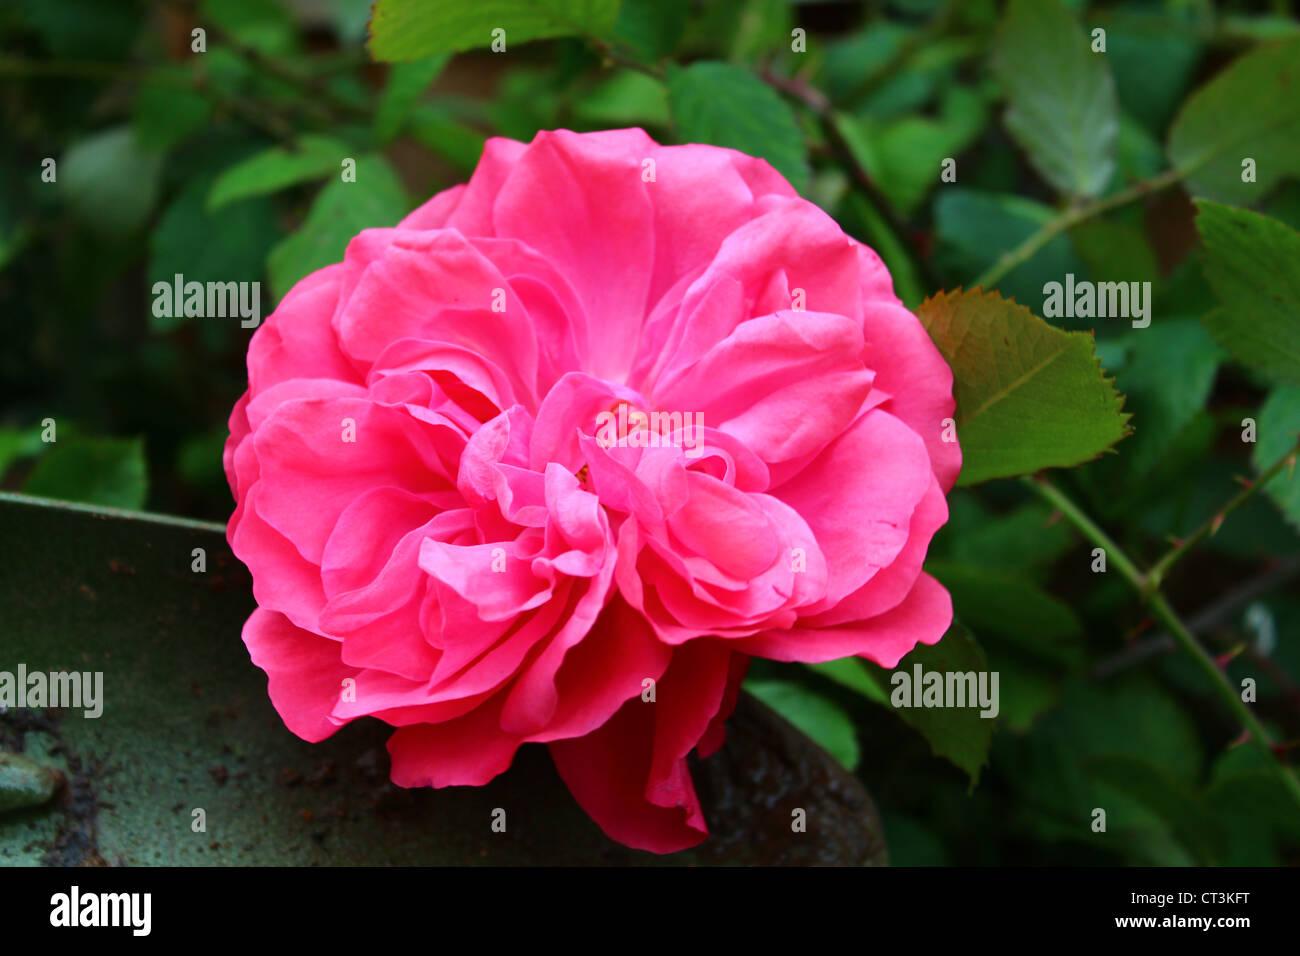 Una rosa rosa impostato su uno sfondo verde di foglie e di una pala a mano. Immagini Stock